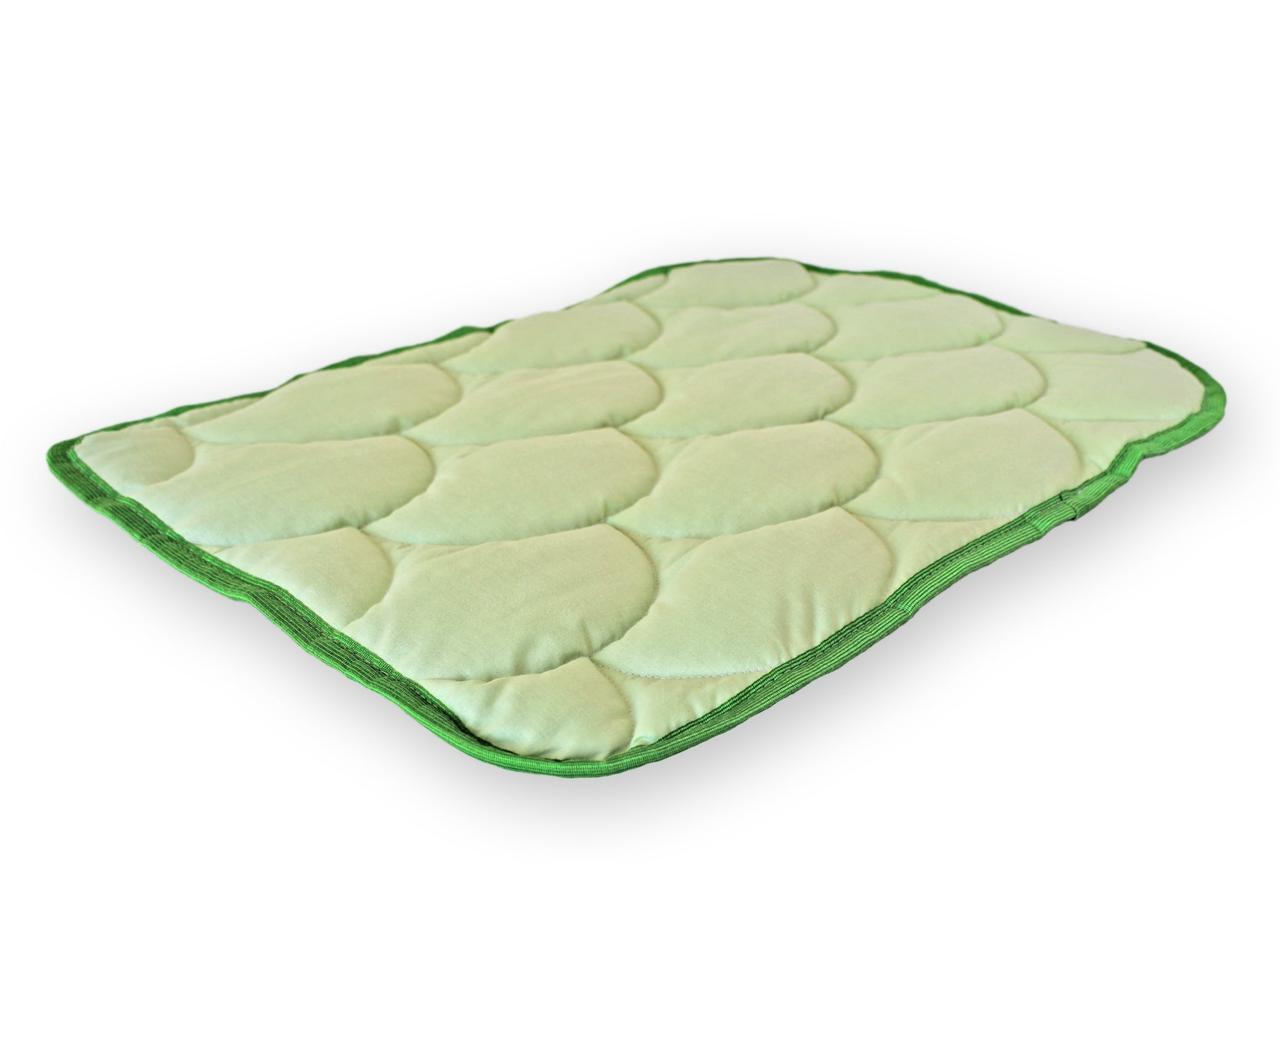 Подушка для младенцев QSLEEP, хлопок+шерсть, 40*55см, белая (031) стеганое, 55, светло-зеленый, зеленый